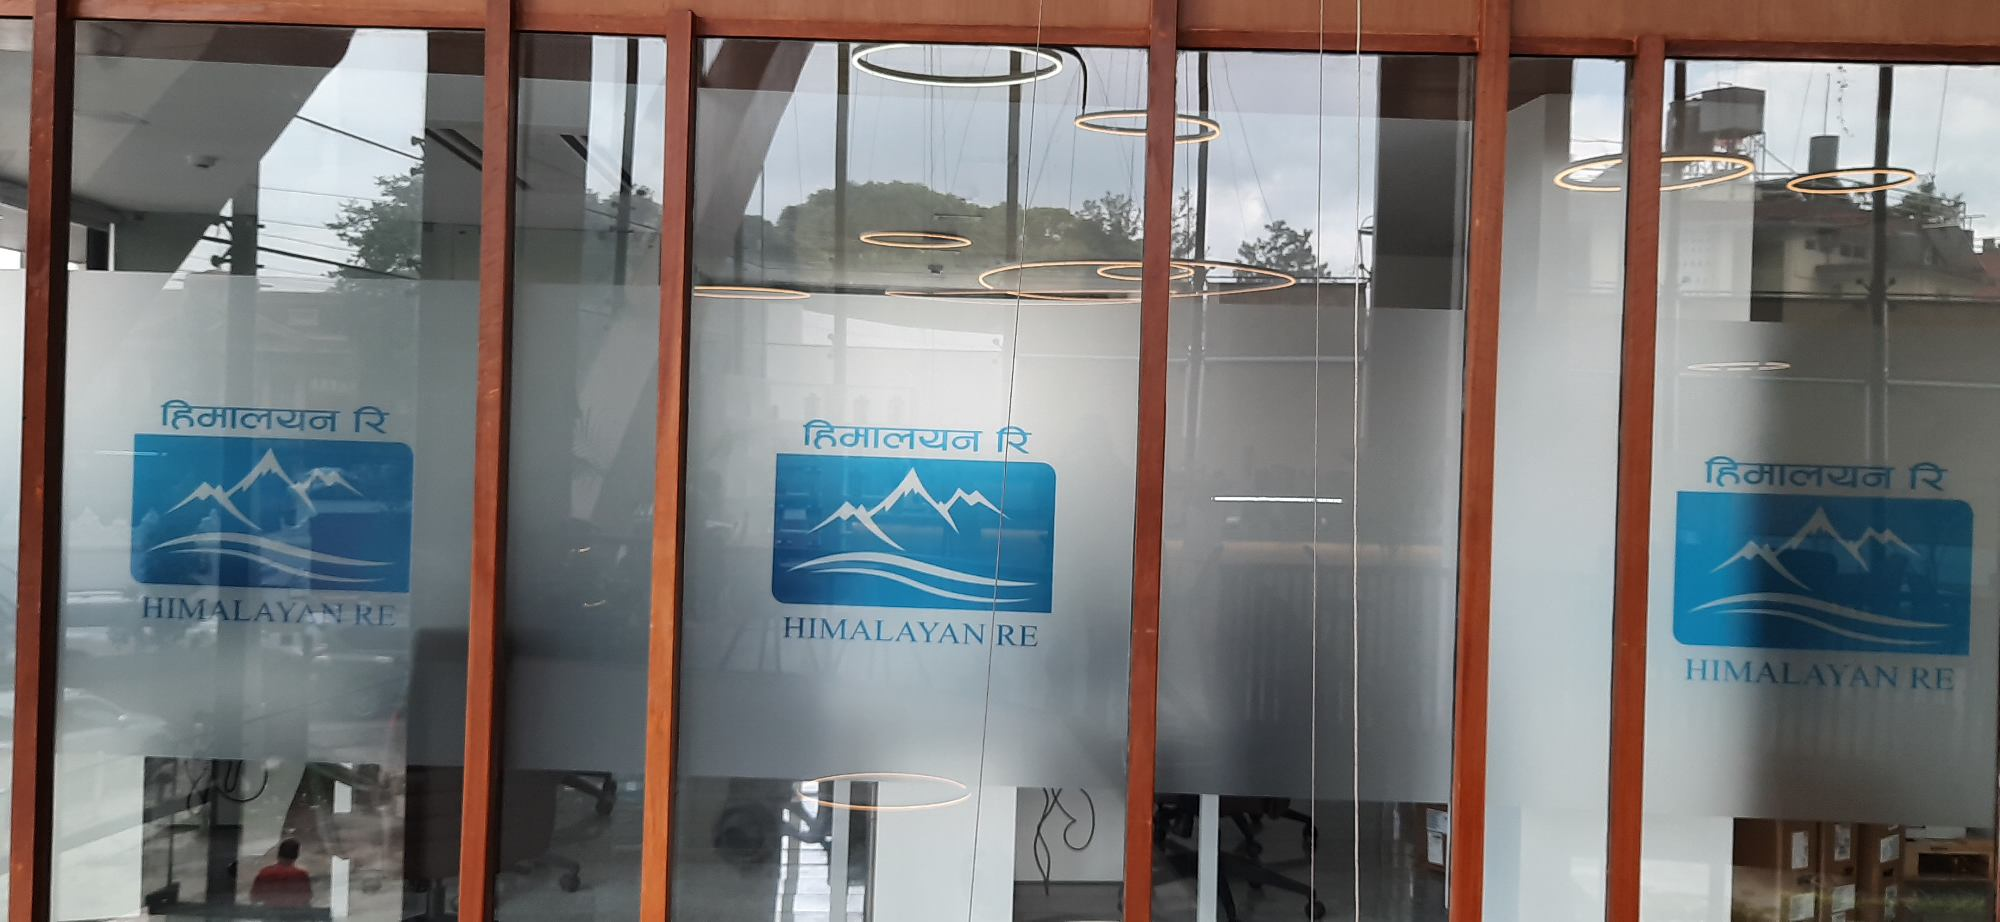 कम्पनी रजिष्ट्रारले कार्य सञ्चालन अनुमति नदिदा हिमालयन रिले व्यवसाय शुभारम्भ गर्न पाएन